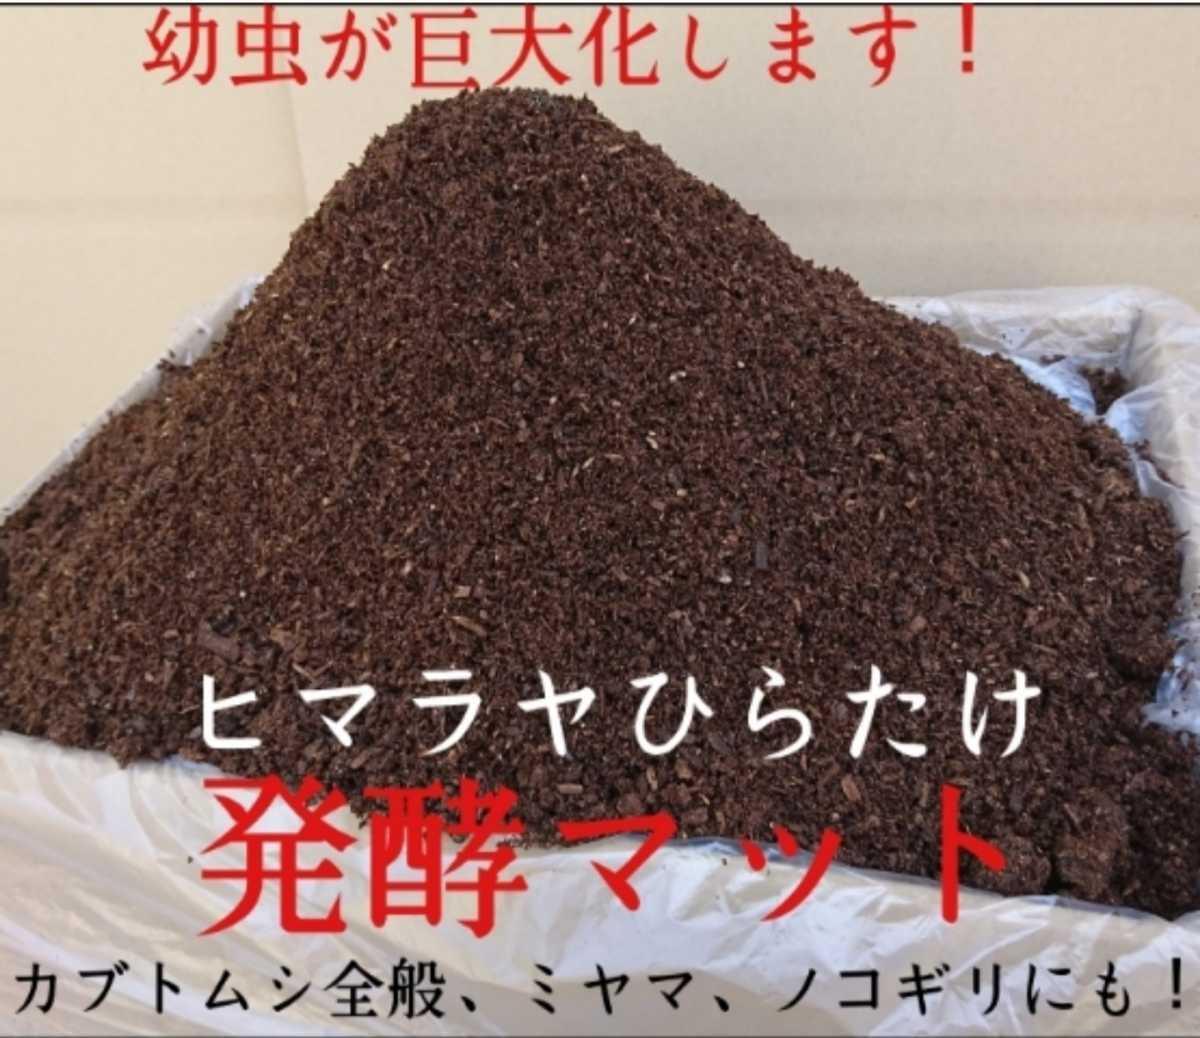 80リットル 幼虫がビッグサイズに!ヒマラヤひらたけ菌床発酵カブトムシマット!抜群の栄養価! クヌギ100% 幼虫の餌、産卵マットにも最高_画像2